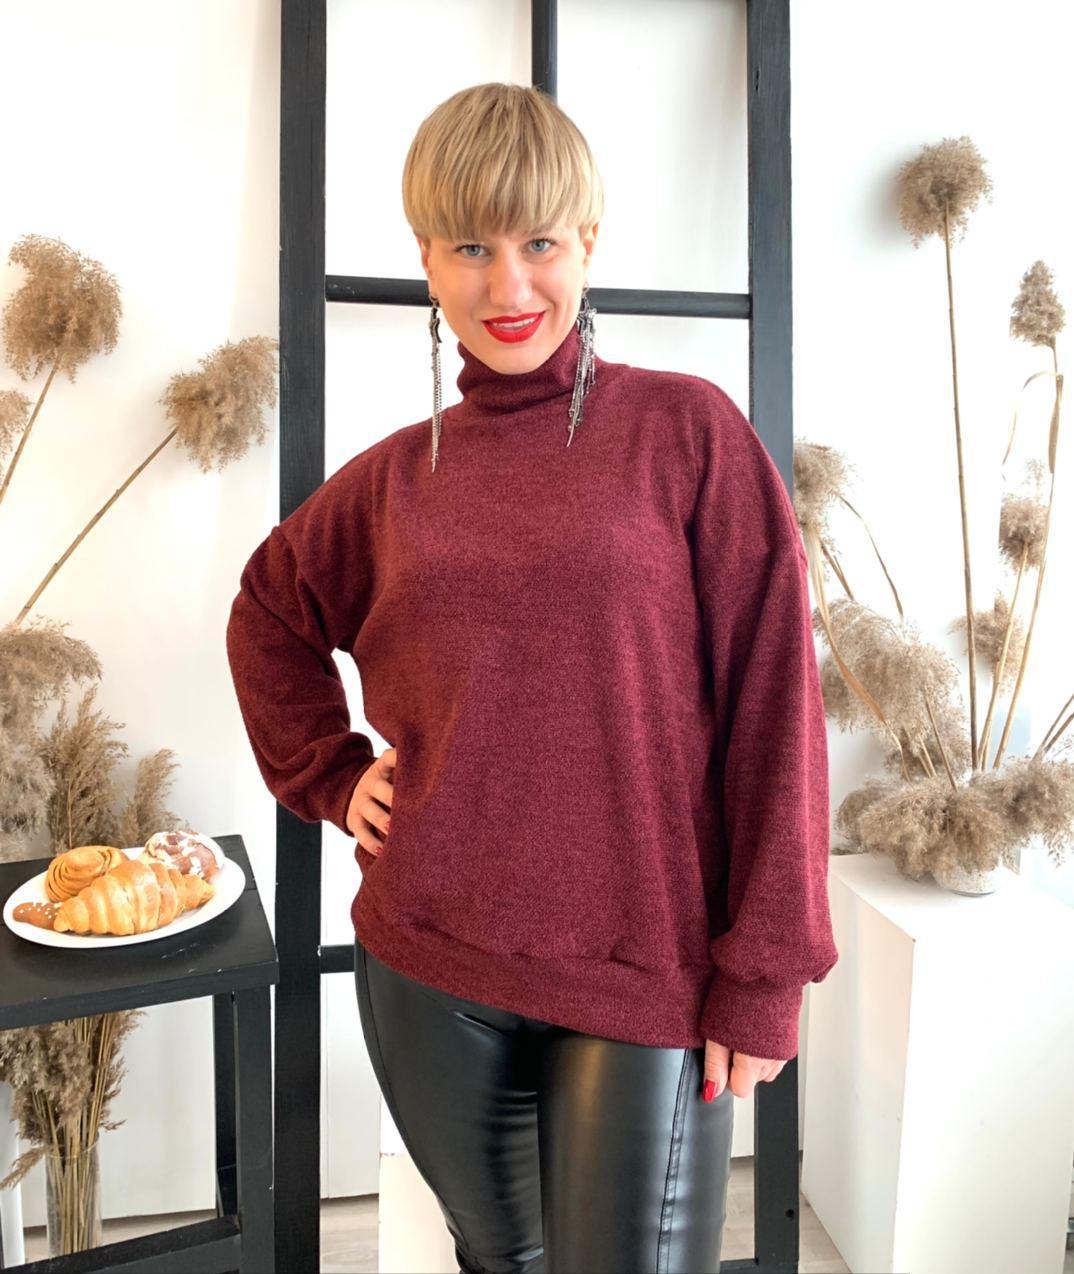 Женская кофта, женский свитер, бордовый, синий 42,44,46,48, 50